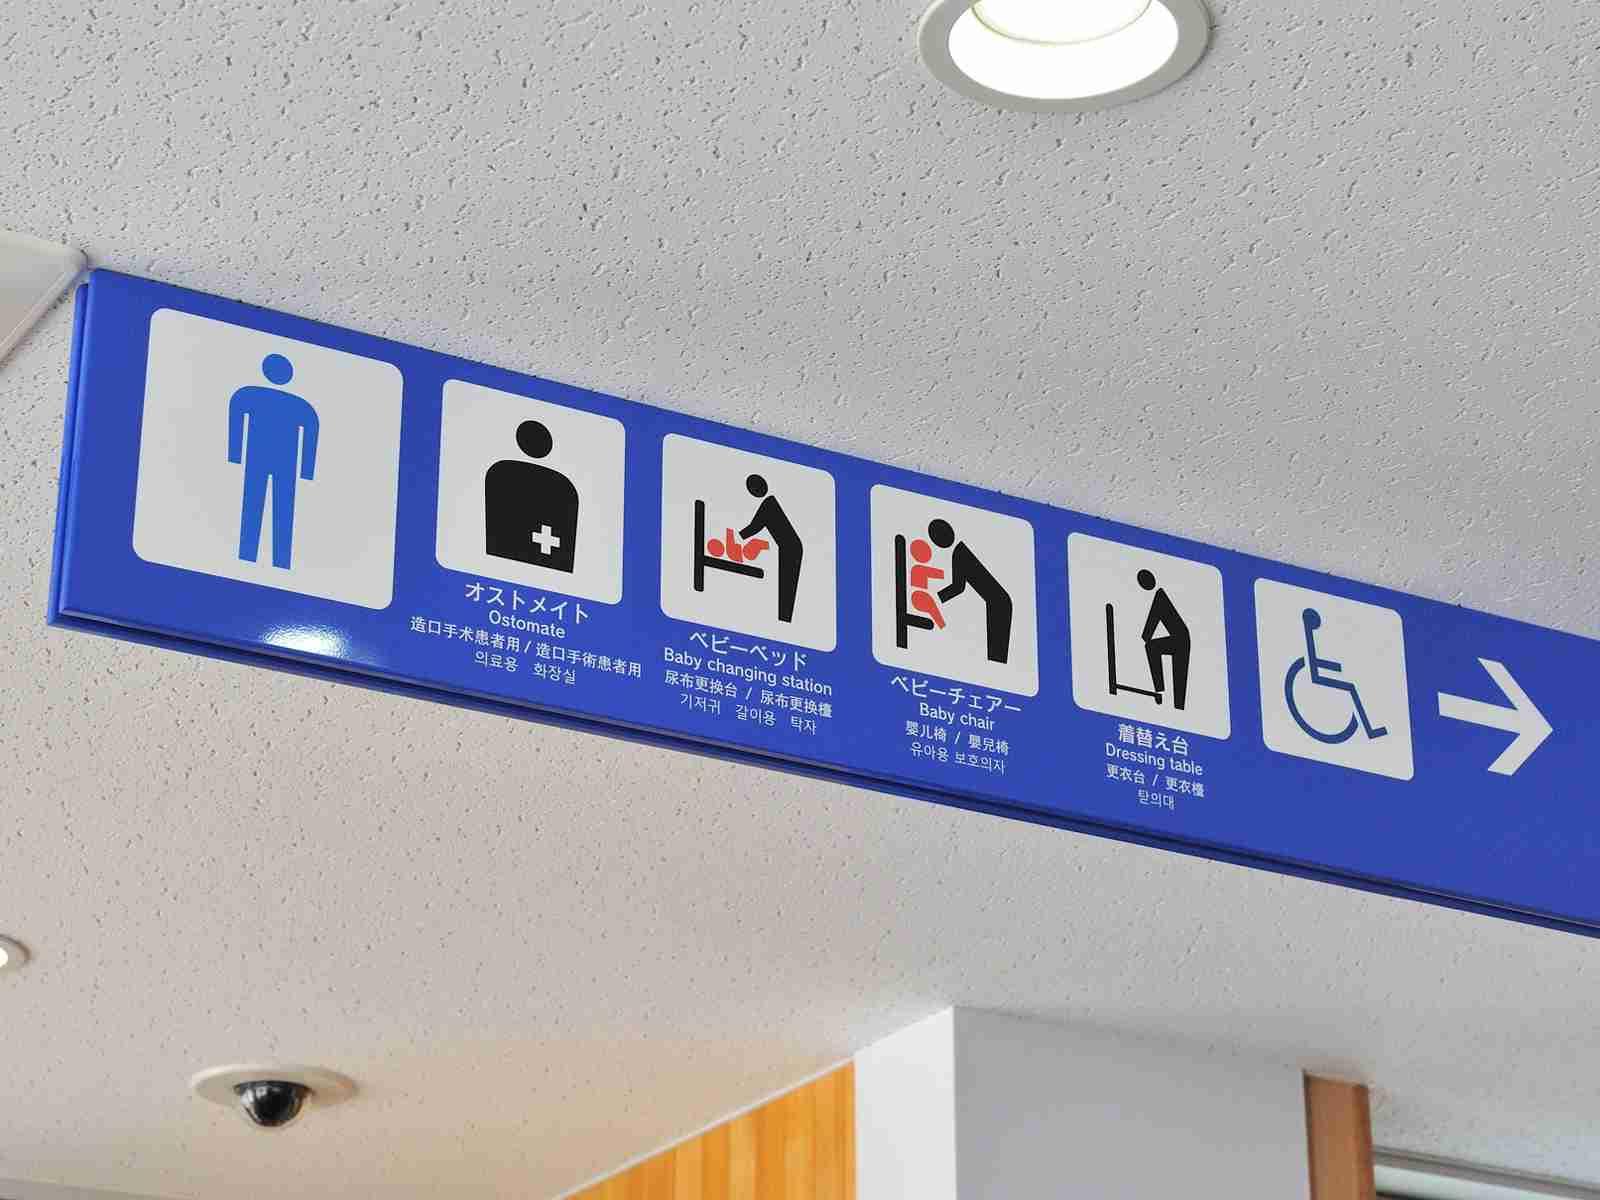 「なぜ子どもがトイレを借りられない?」と店に憤慨し続ける大人たち | All About News Dig(オールアバウト ニュースディグ)